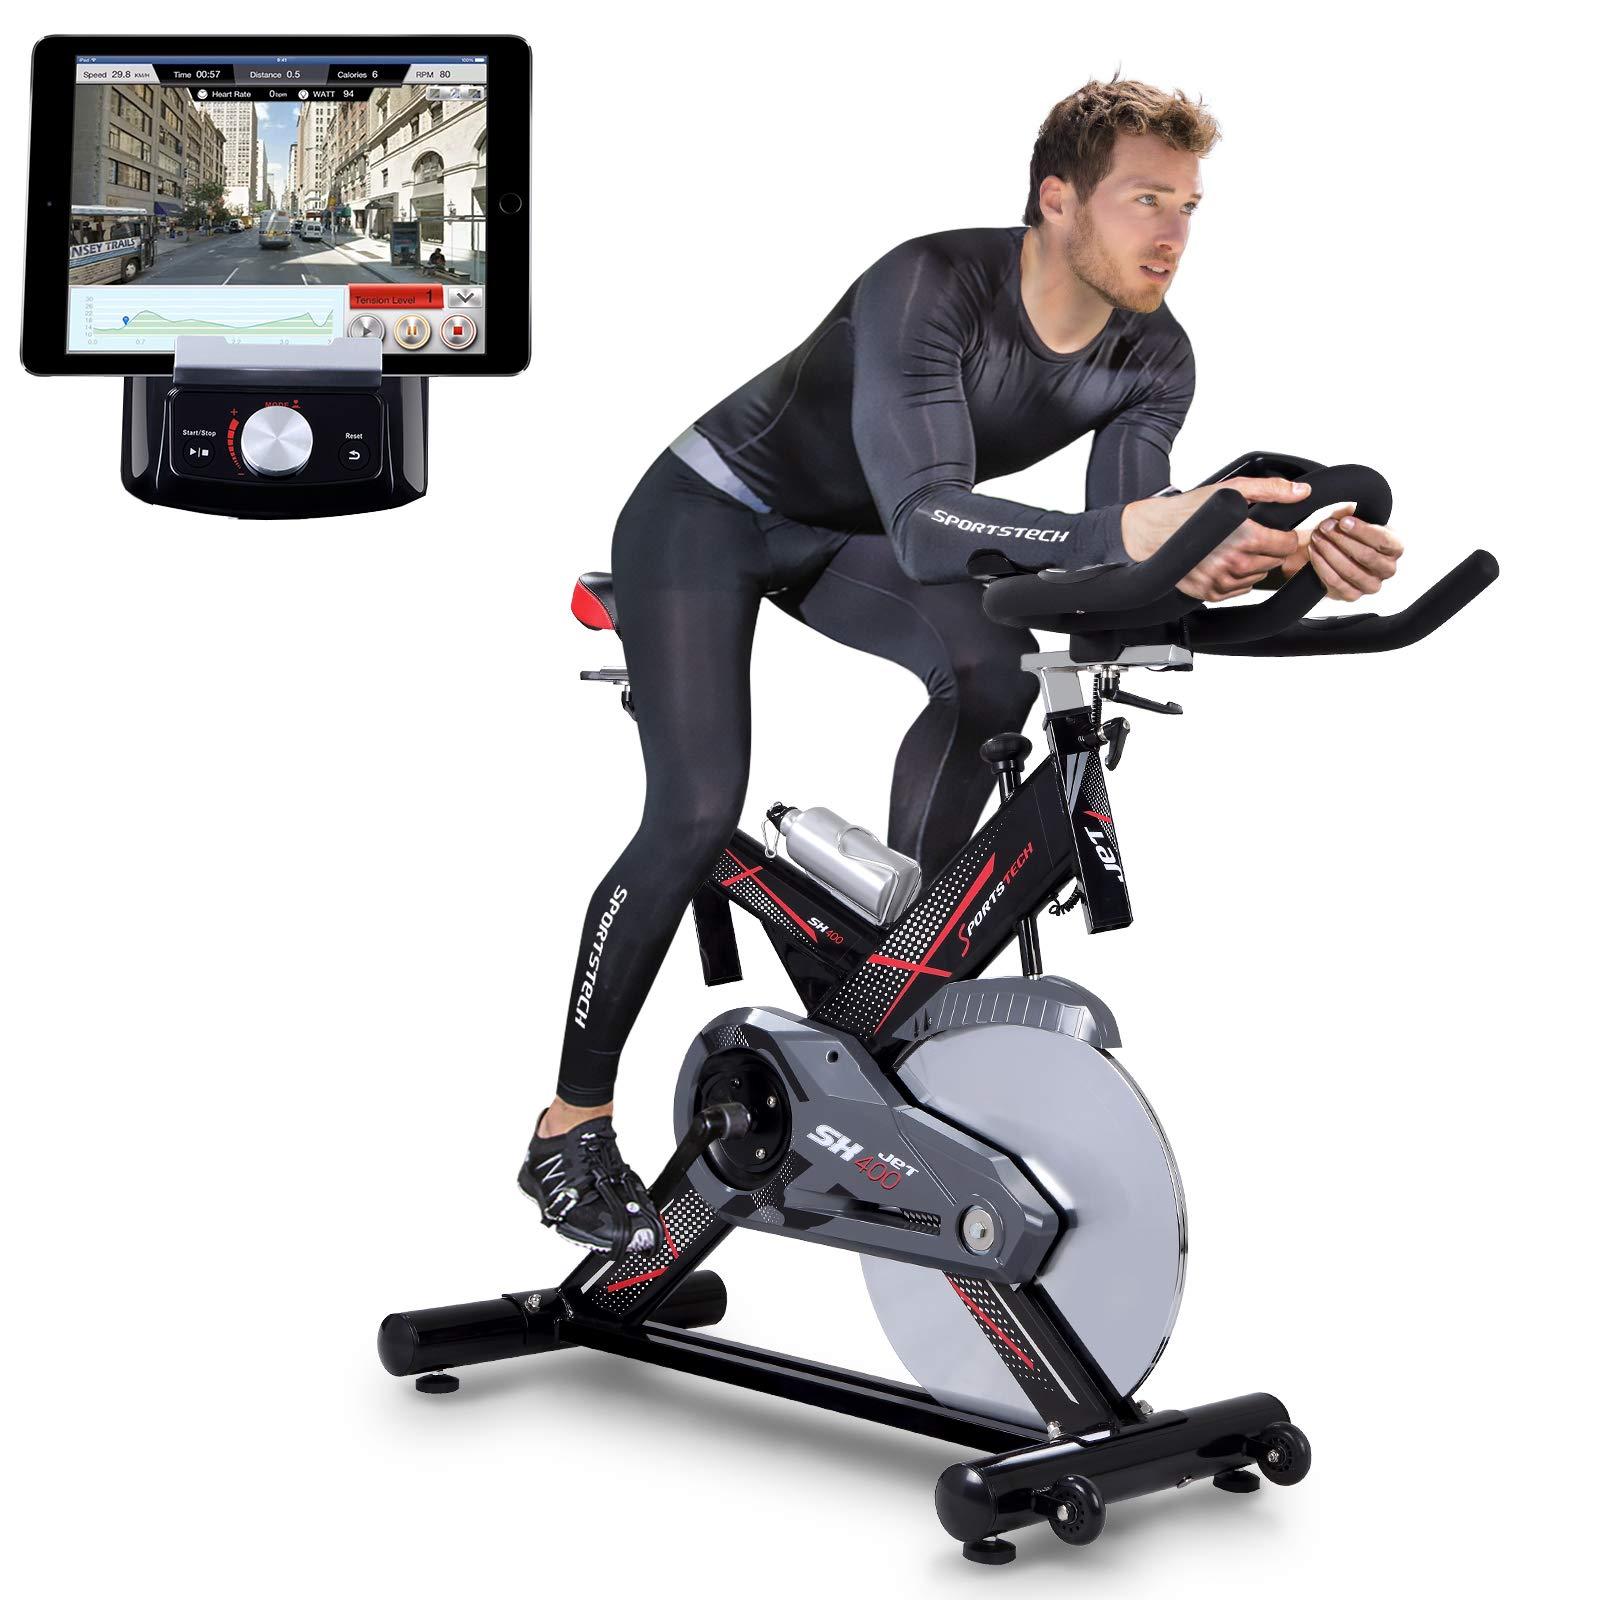 Sportstech SX400 bicicleta estática profesional con App control para Smartphone + Street View, disco de